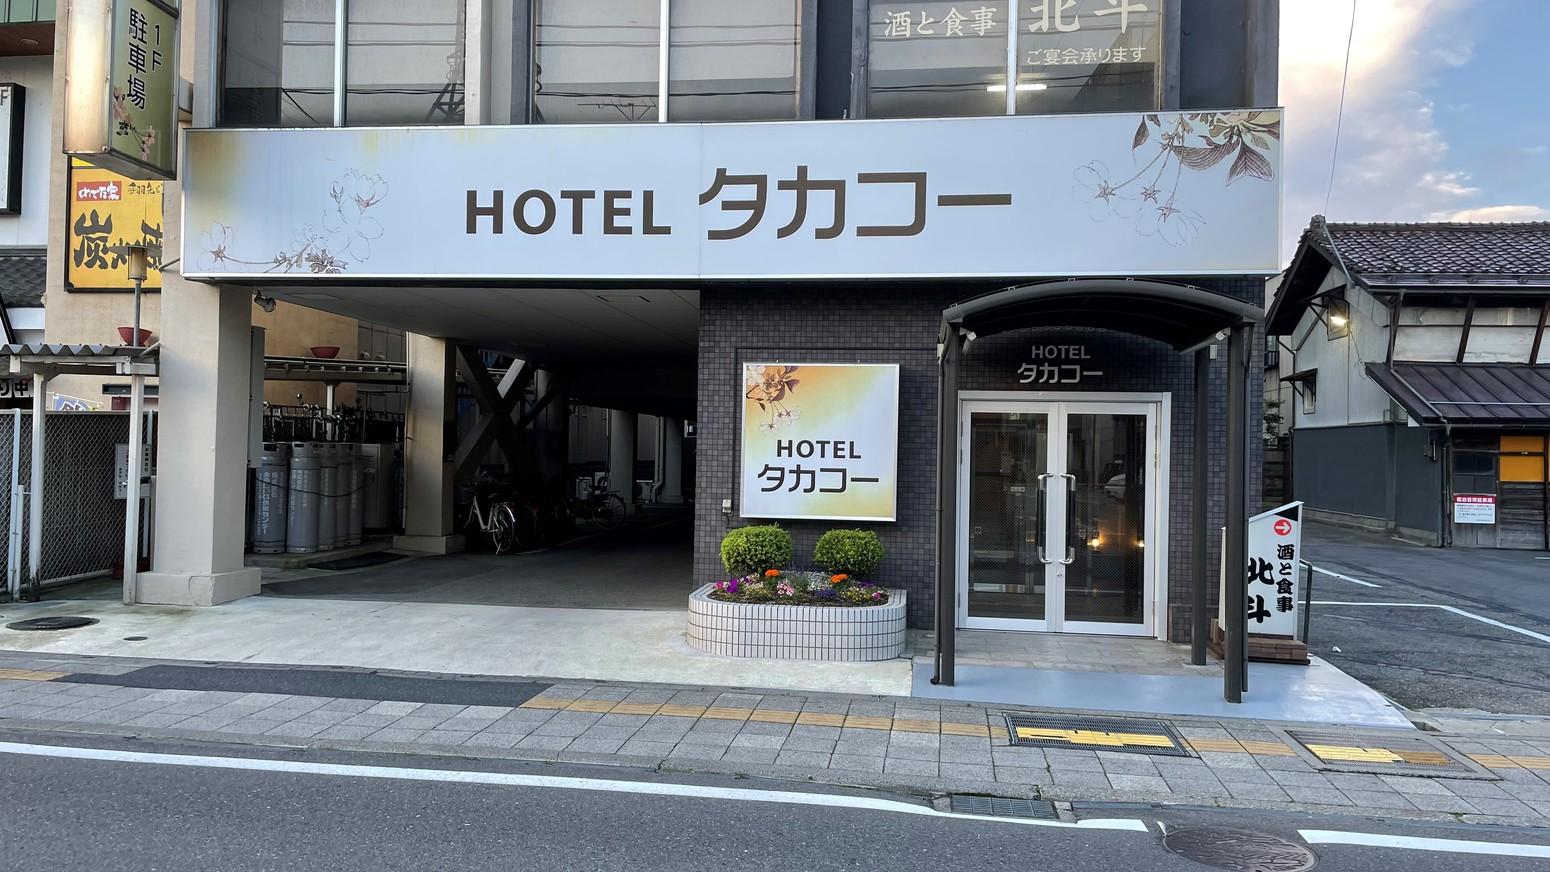 ホテル タカコー